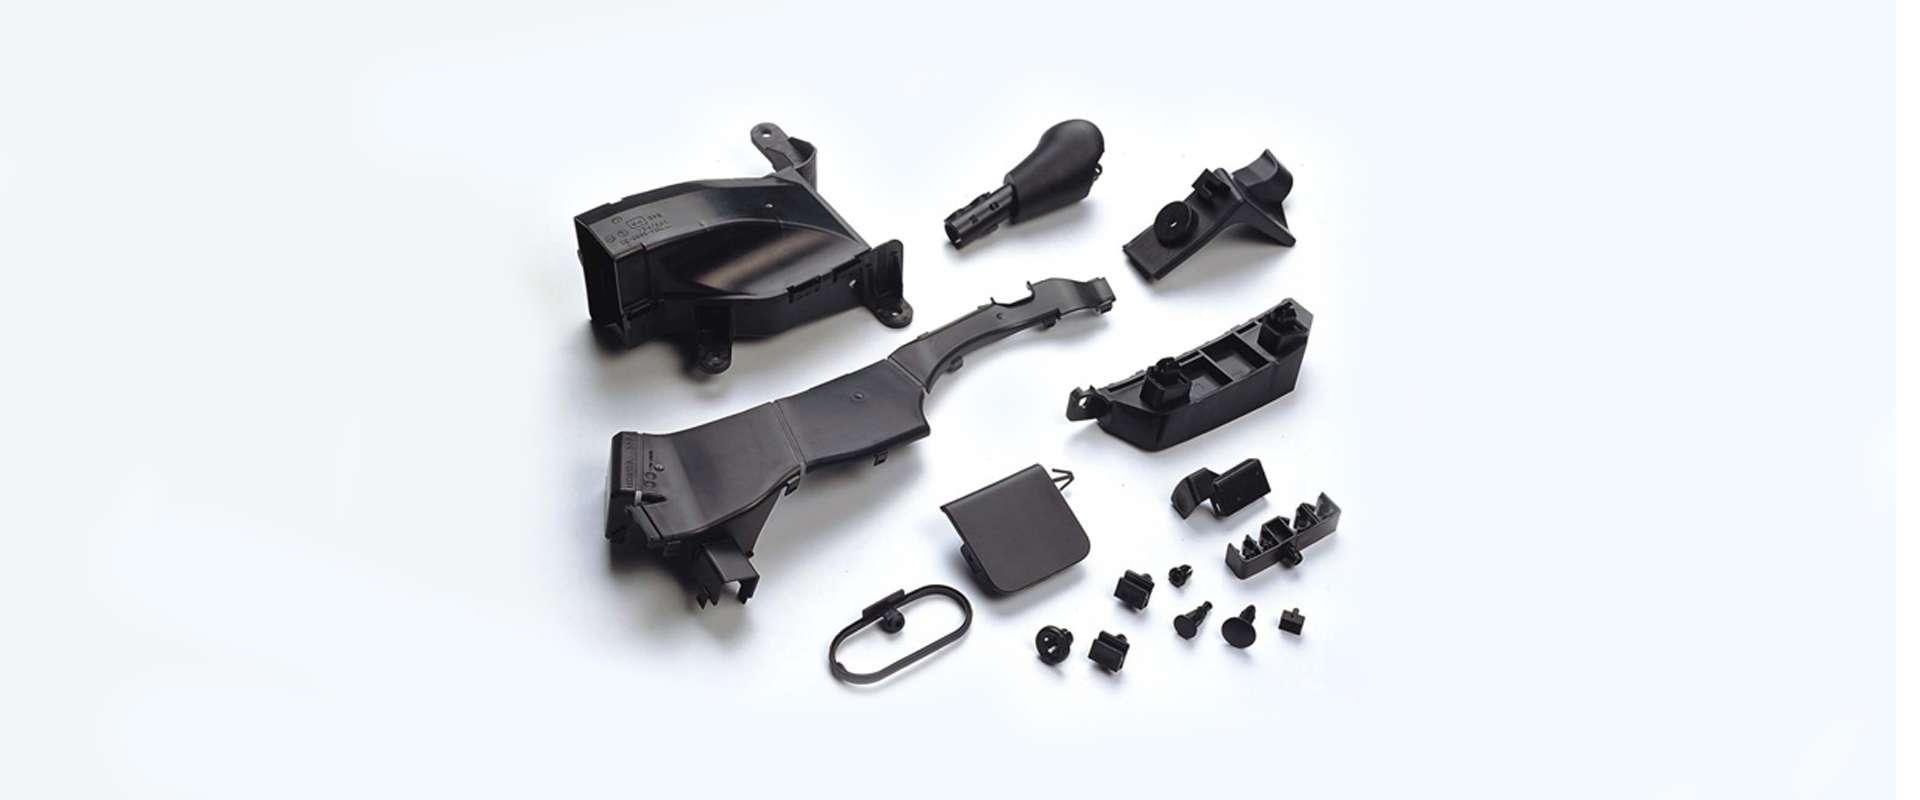 قطعات پلاستیکی خودرو